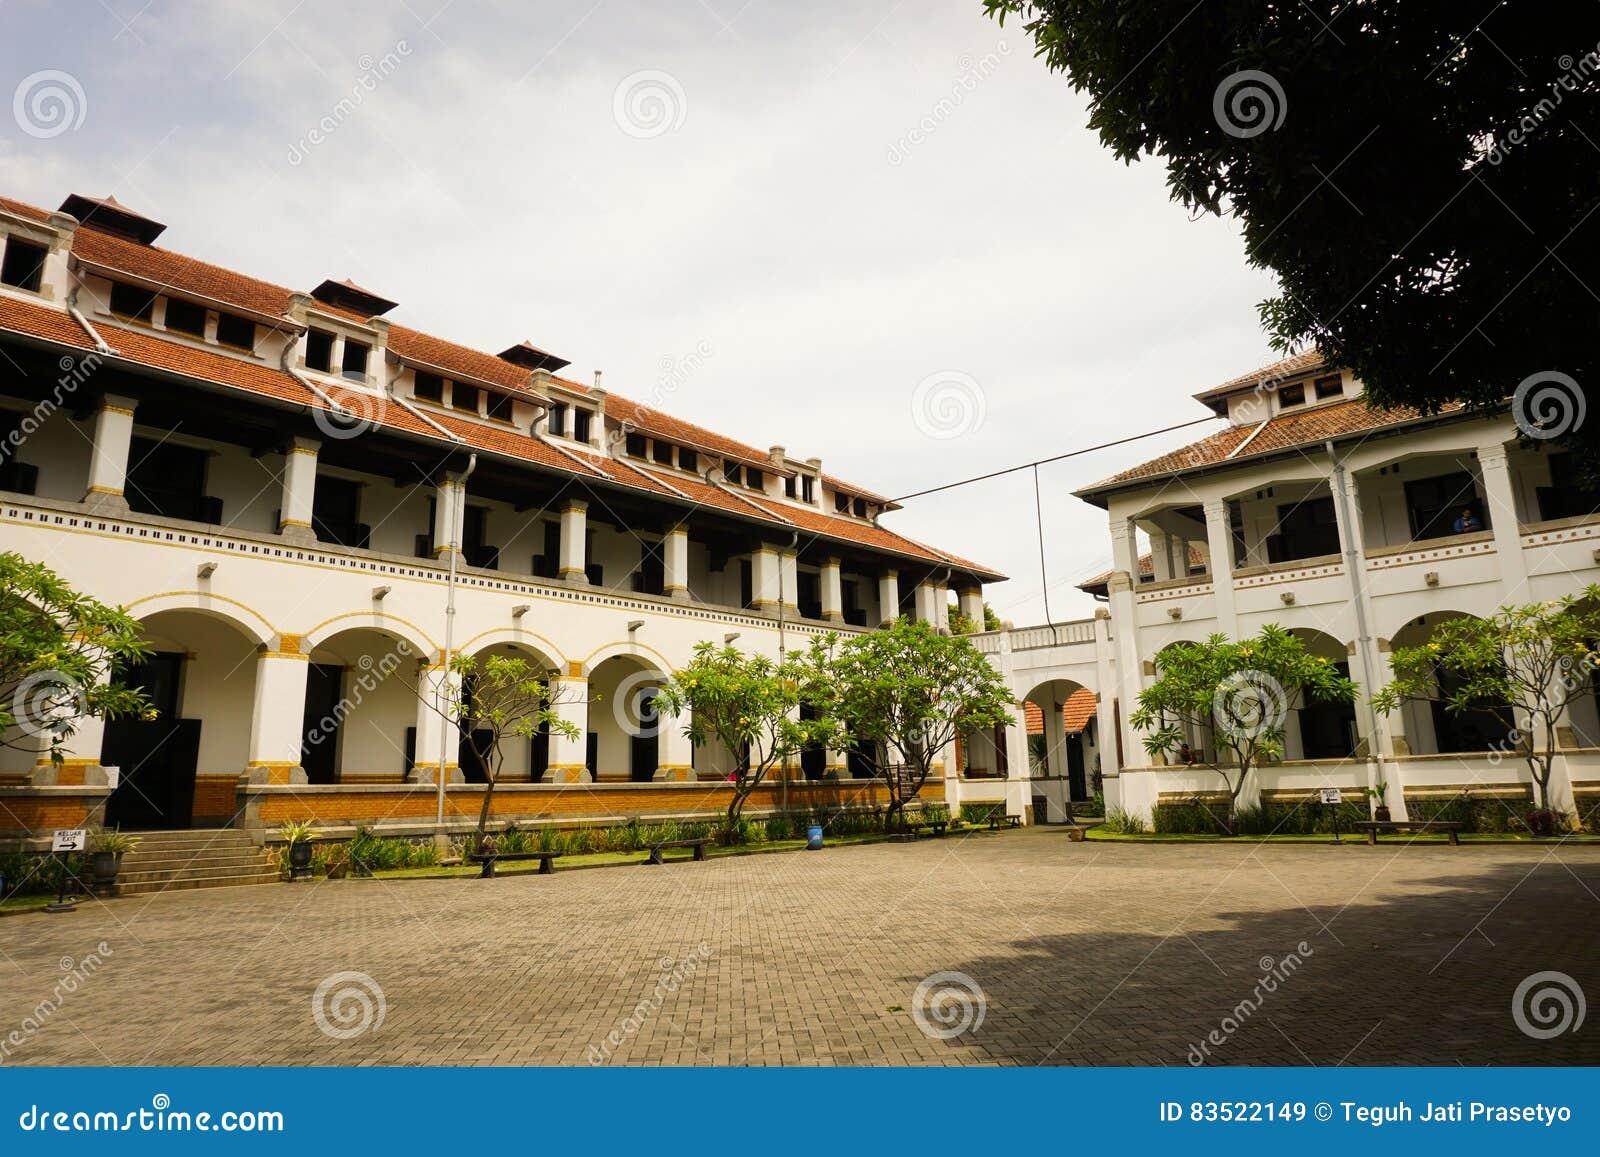 Een groot die bestratingsgebied in het midden van de bouwfoto van Lawang Sewu in Semarang Indonesië wordt genomen